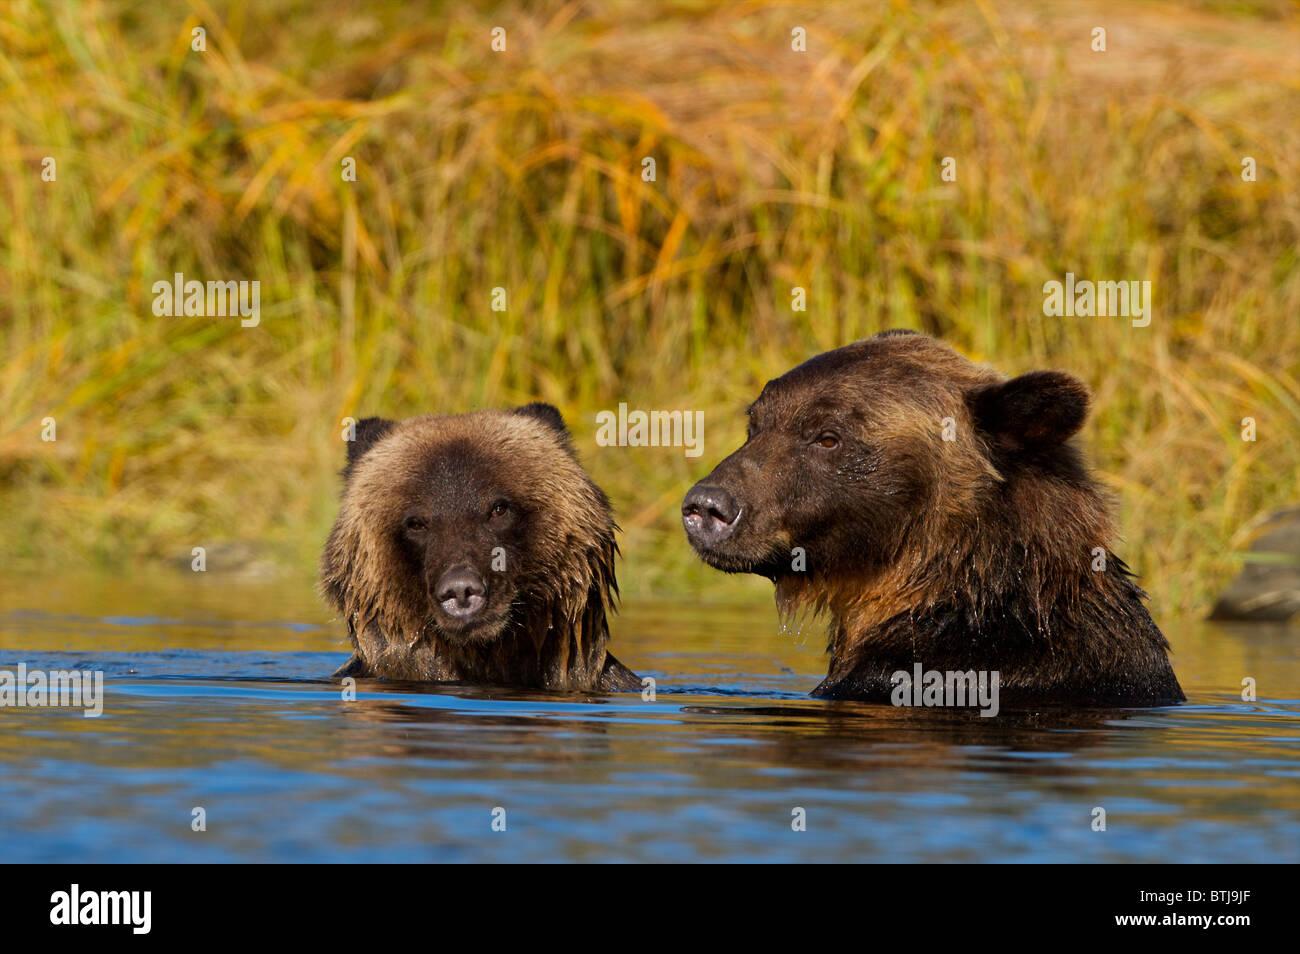 Grizzly bear (Ursus arctos horribilis) British Columbia Canada Stock Photo